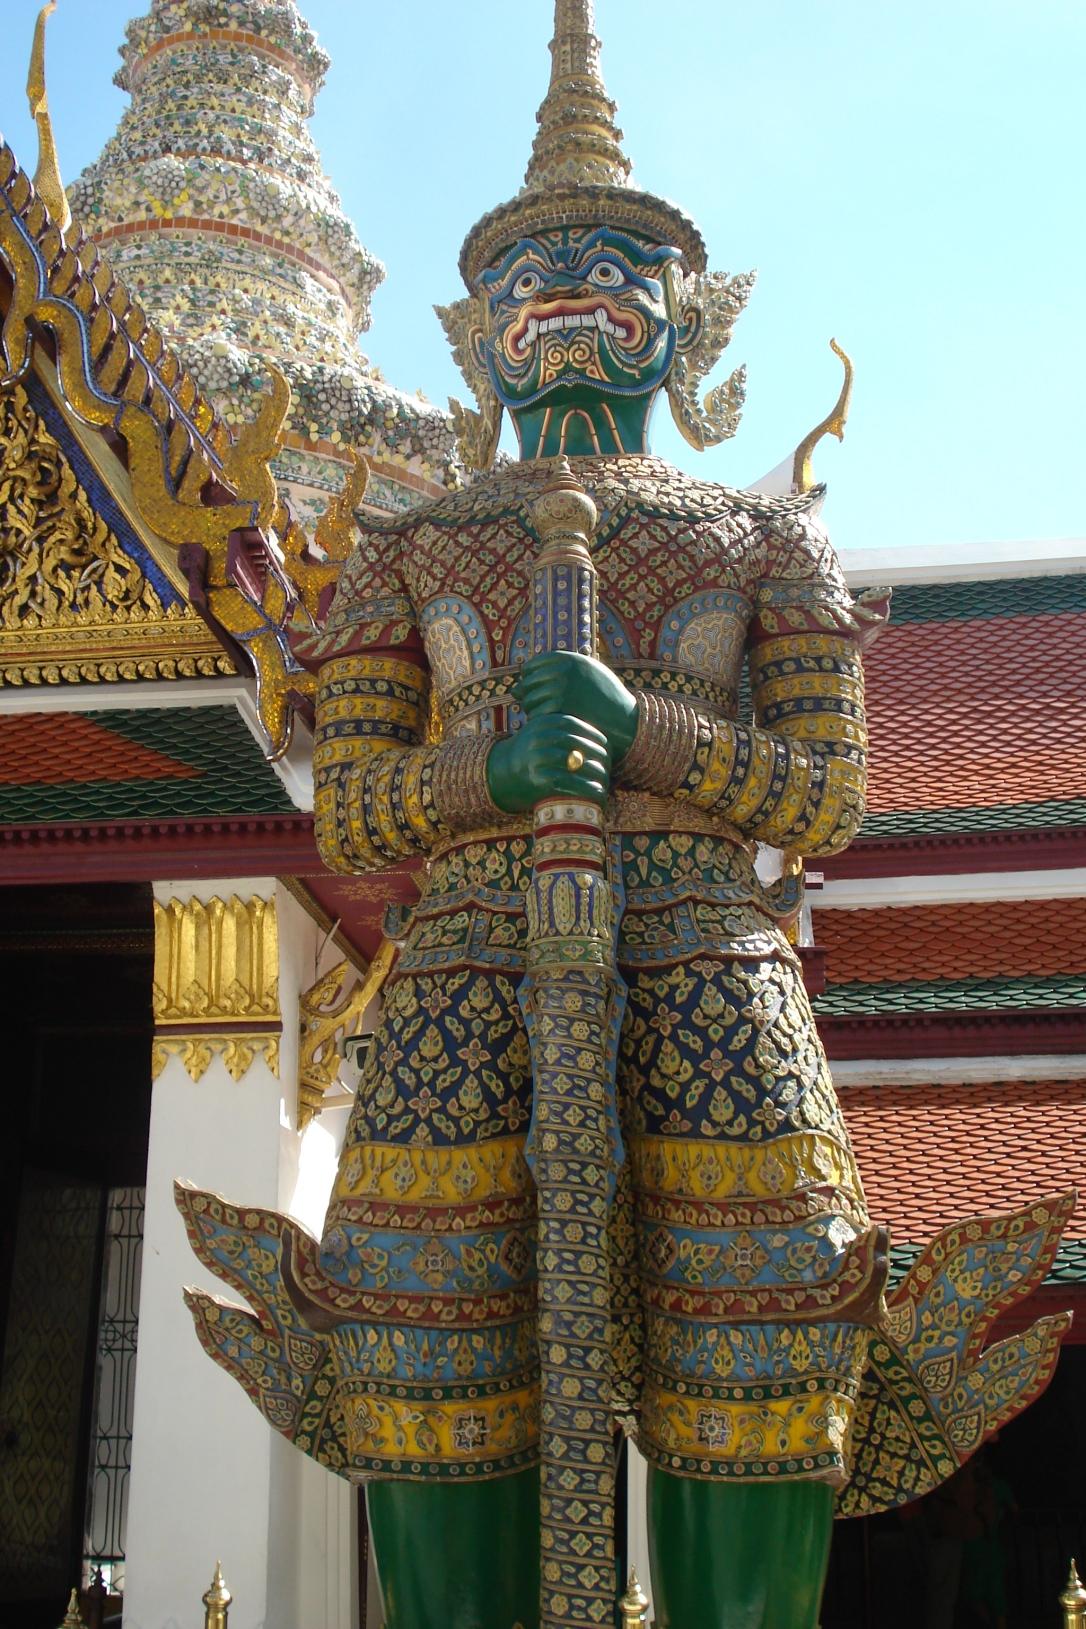 Esculturas Gigantes que são réplicas dos demônios da mitologia tailandesa com a espada do templo na mão em frente ao Grand Palace.